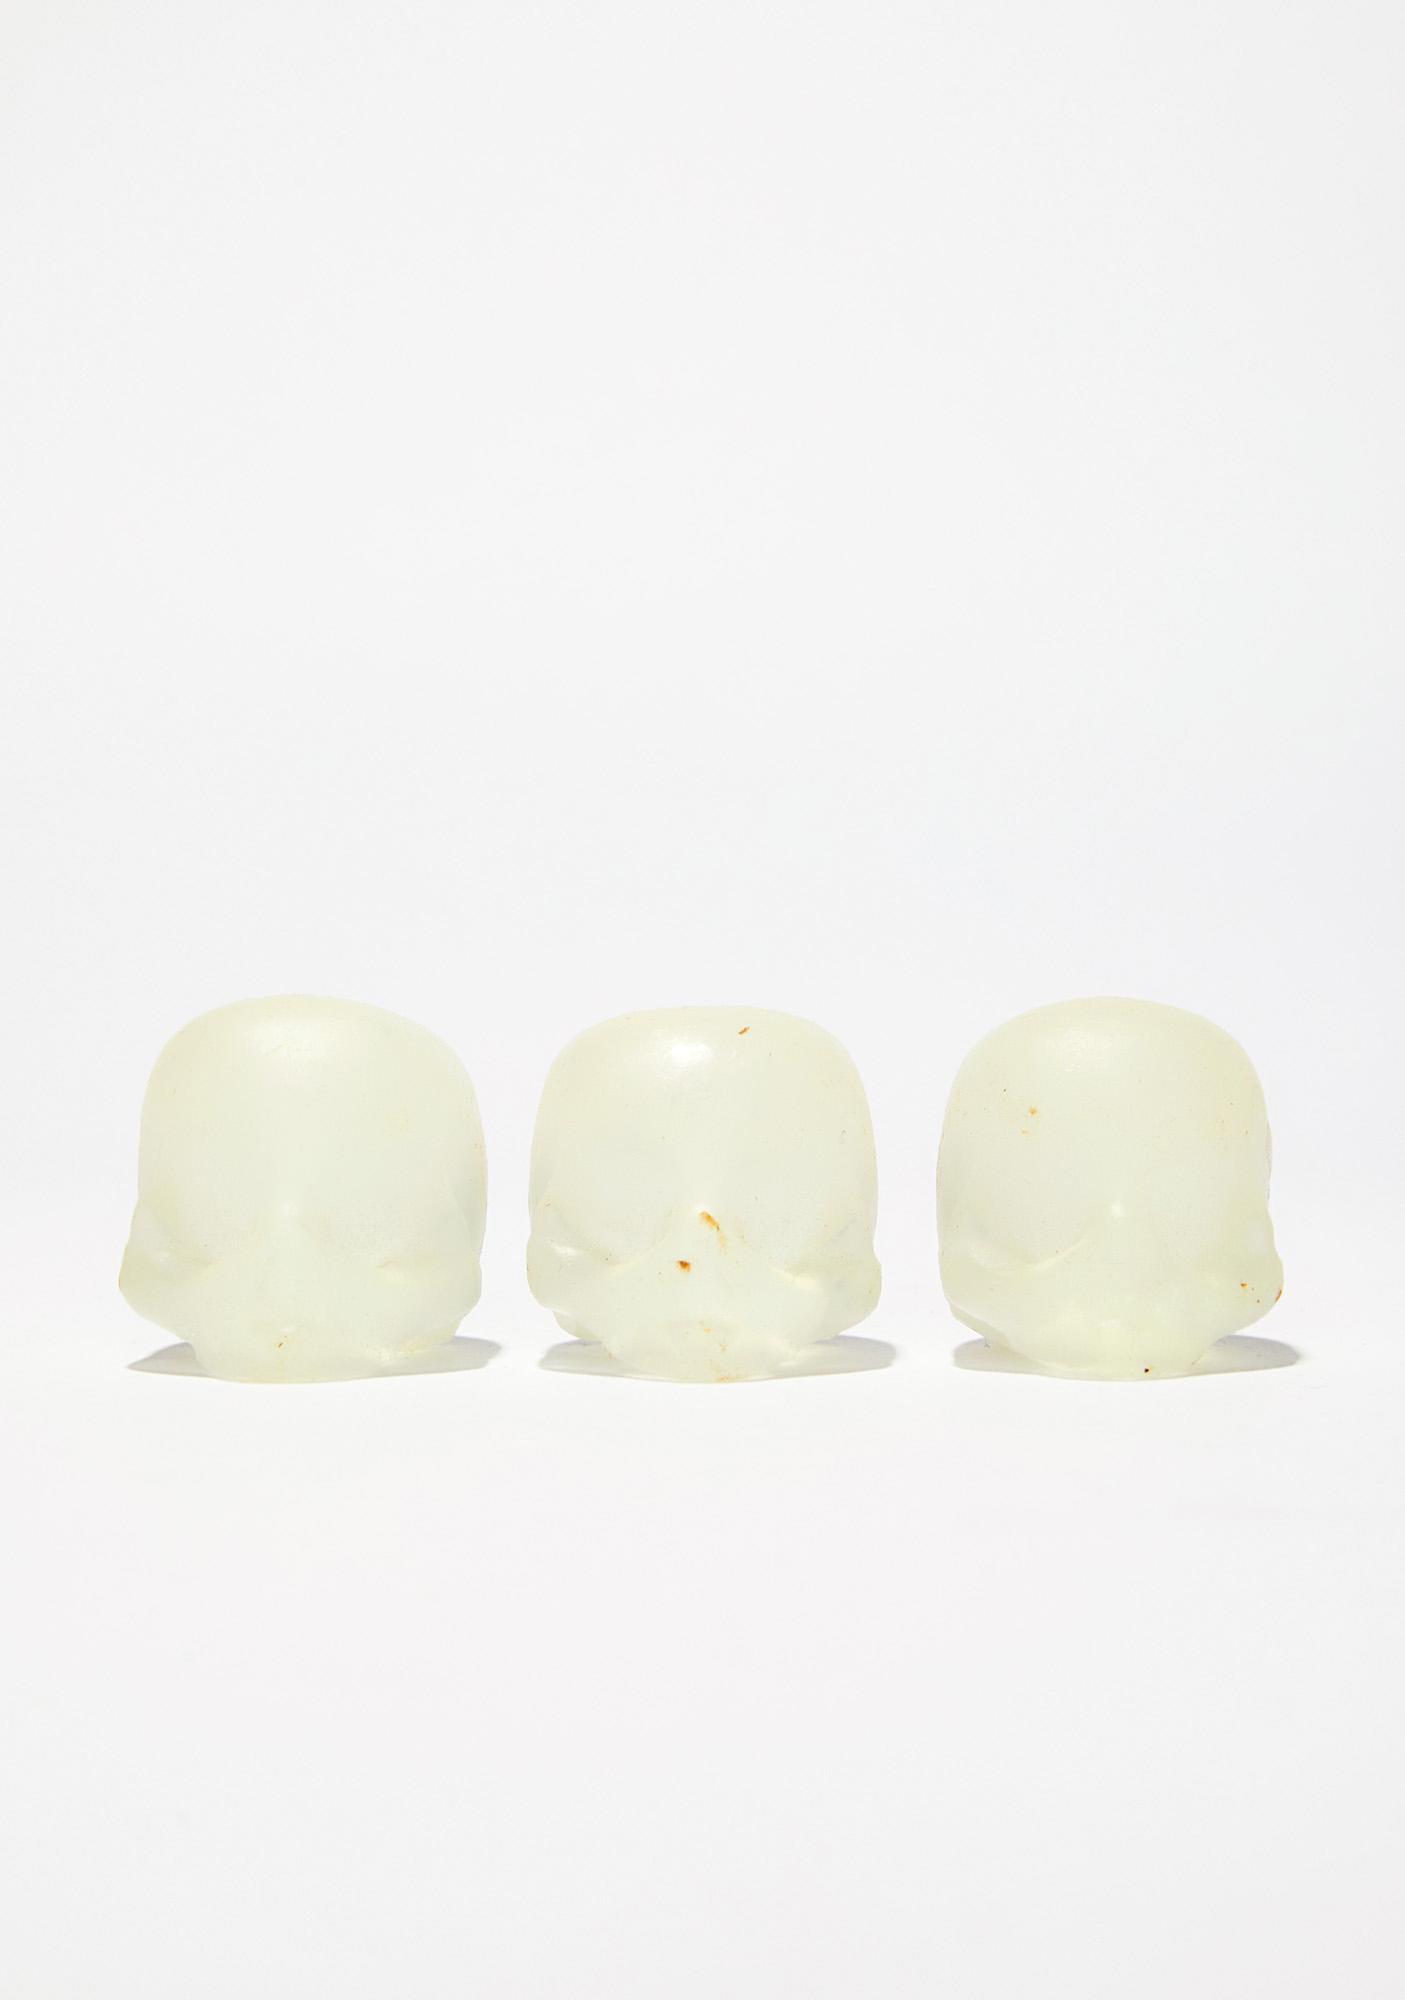 Rebels Refinery Clear Glycerin Skull Soap